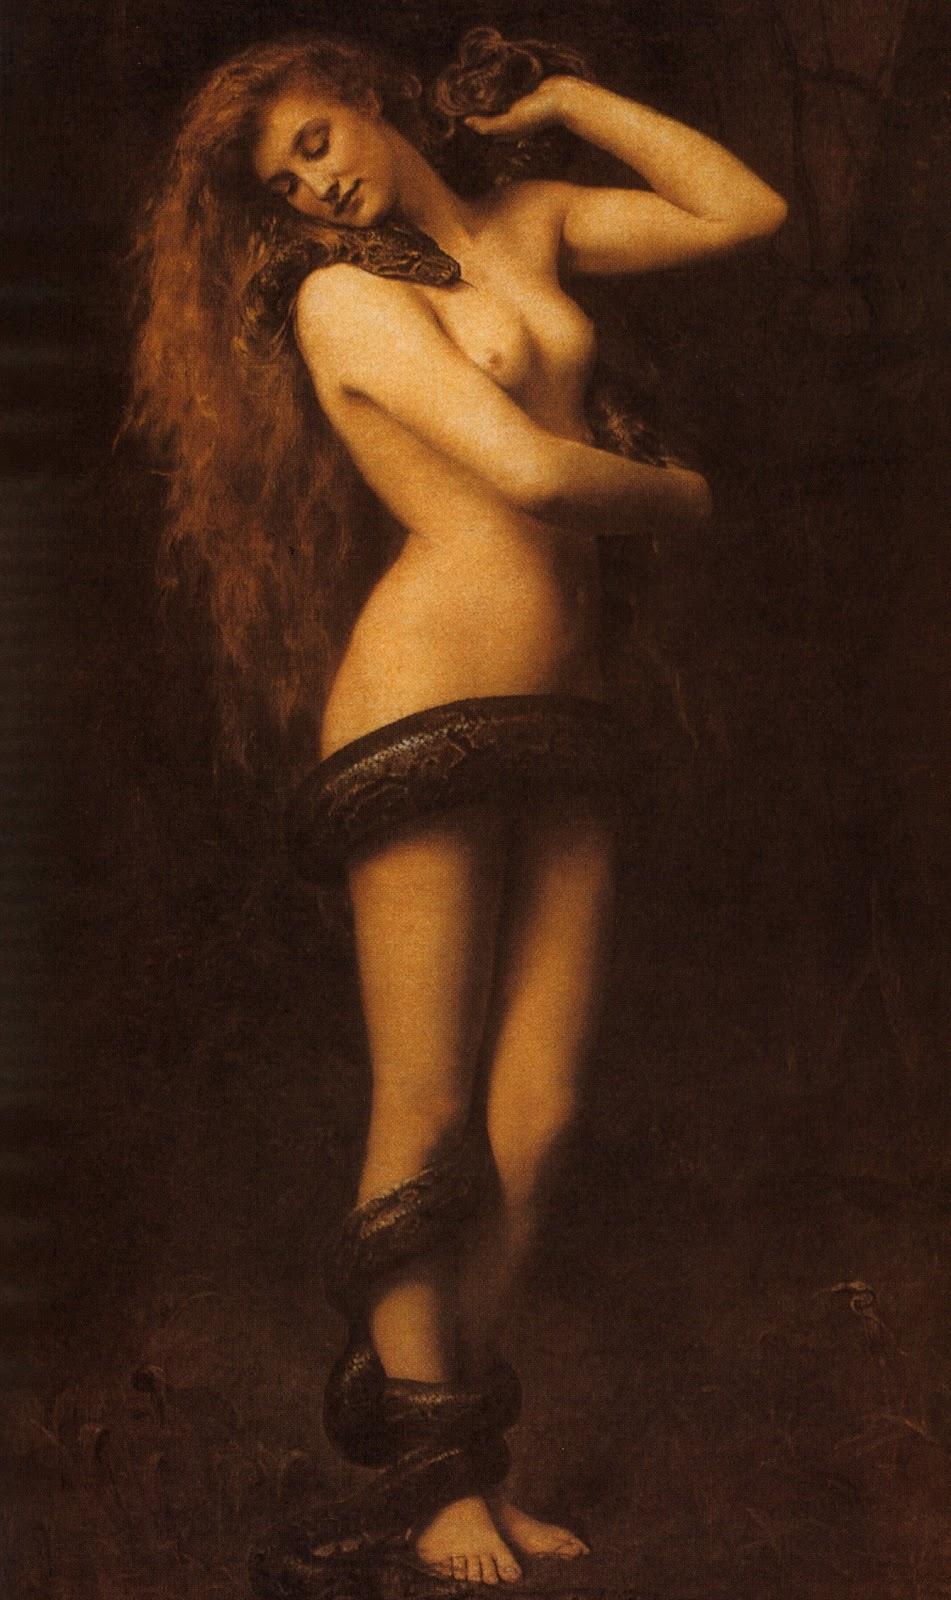 http://4.bp.blogspot.com/_YOiCZdlgoqc/TUAx9UYtfkI/AAAAAAAAA8Y/RA5hlASURqc/s1600/20051003162034%2521Collier-Lilith.jpg